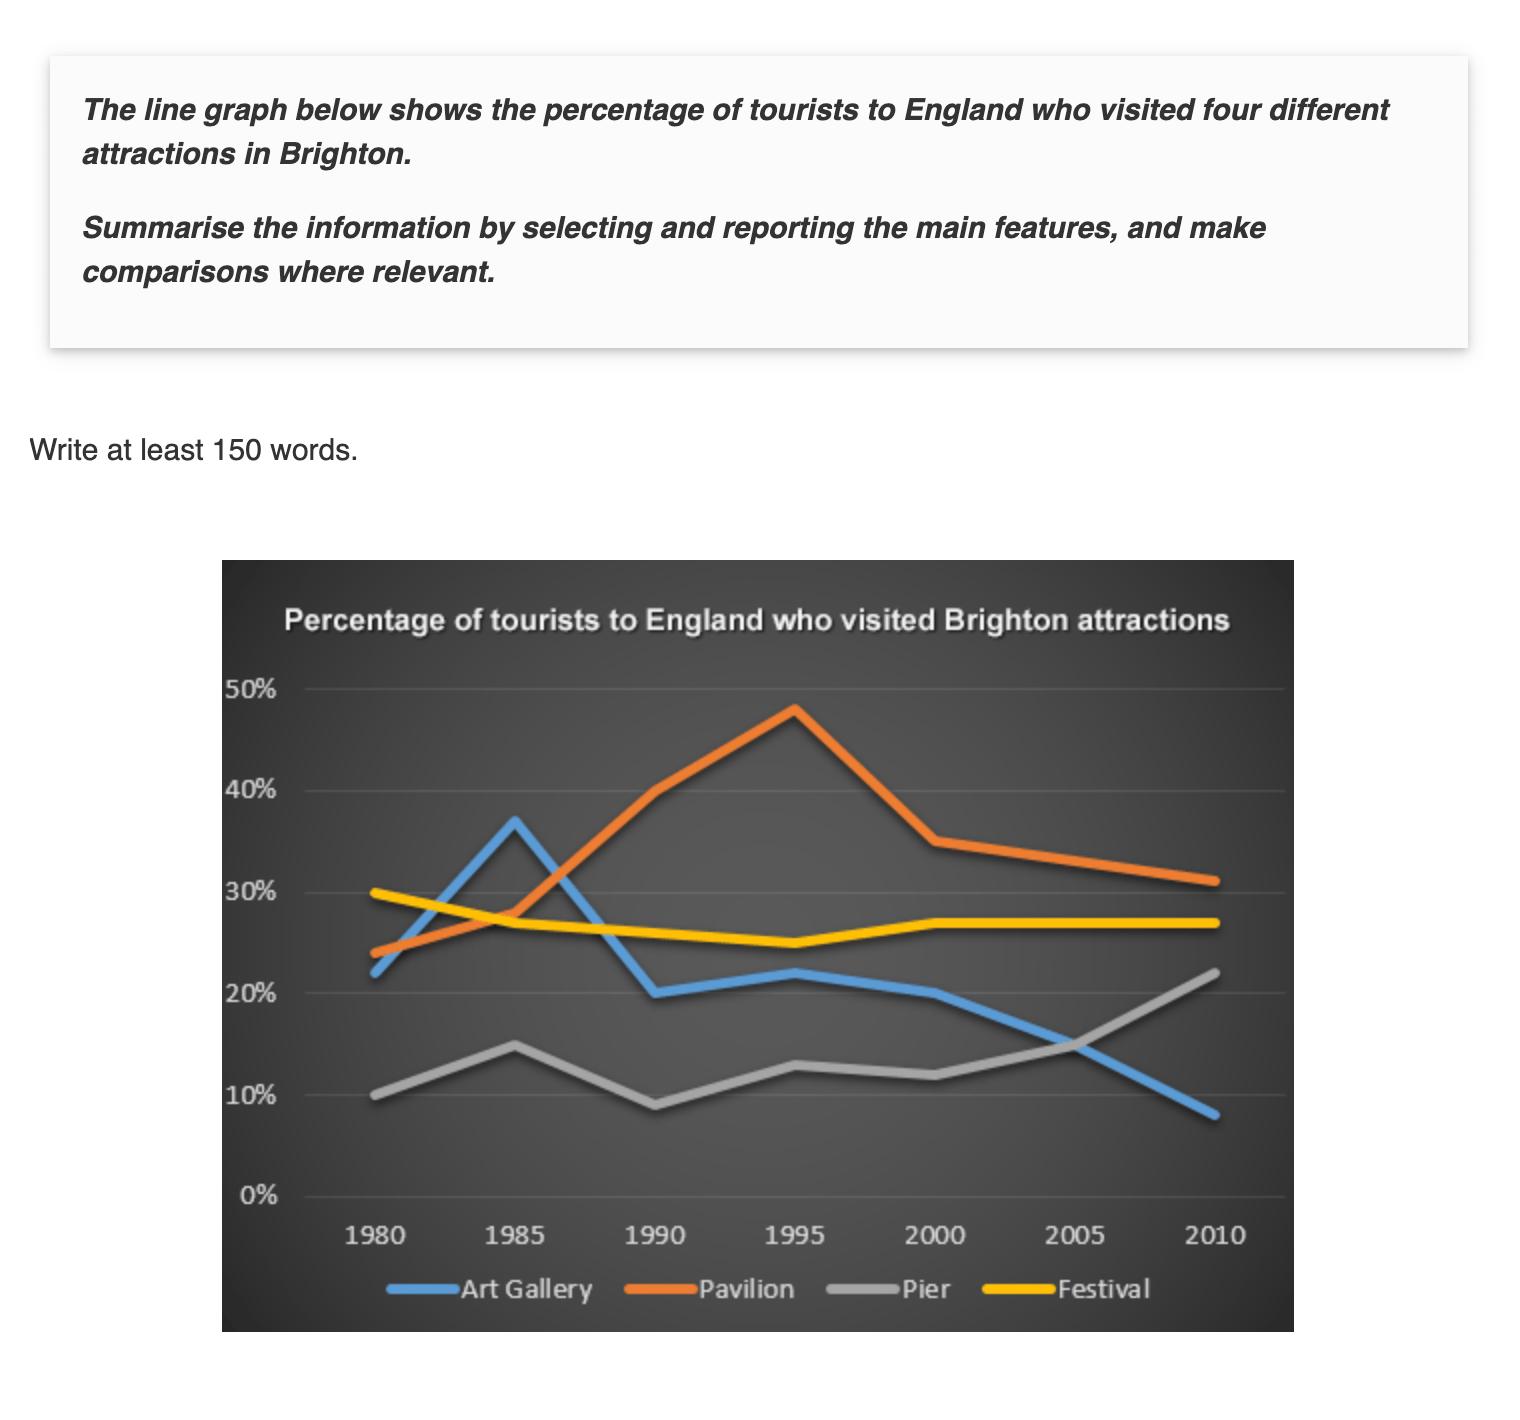 Пример задания в секции письма. Графики показывают, сколько туристов в разные годы посетили различные достопримечательности Брайтона. Нужно сравнить графики, выделить тенденции, сделать выводы